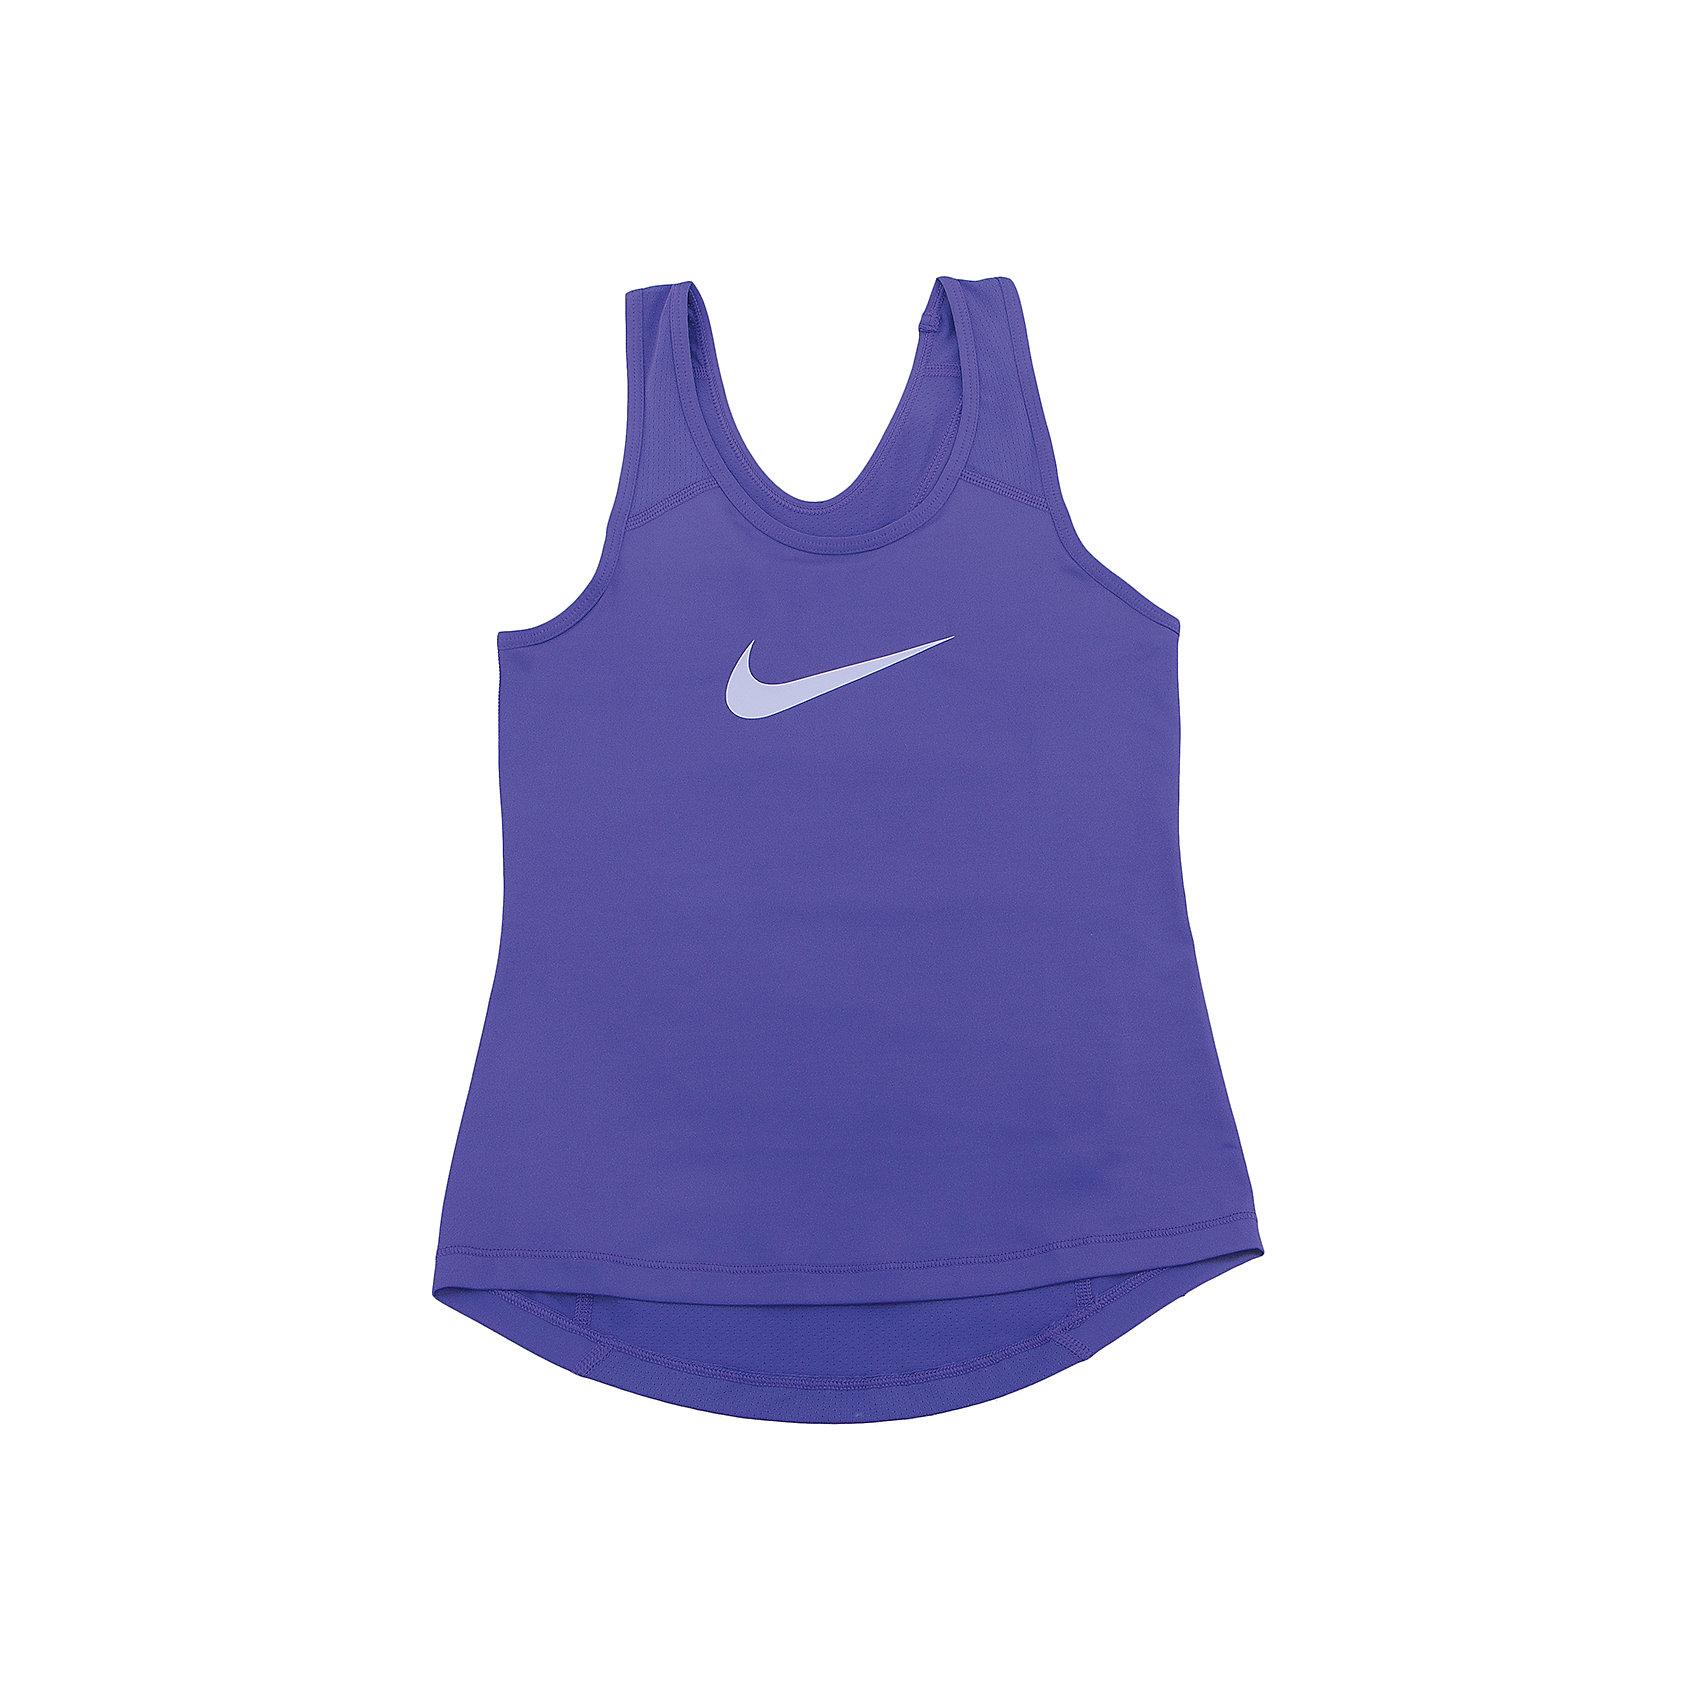 Майка NIKEФутболки, поло и топы<br>Характеристики товара:<br><br>• цвет: фиолетовый<br>• спортивный стиль<br>• состав: 90% полиэстер, 10% спандекс, материал Dri-FIT<br>• ткань выводит лишнюю влагу<br>• комфортная посадка<br>• ткань оказывает поддержку мышцам и стимулирует кровообращение<br>• мягкие швы не натирают<br>• не сковывает движения<br>• без рукавов<br>• принт<br>• машинная стирка<br>• износостойкий материал<br>• коллекция: весна-лето 2017<br>• страна бренда: США<br>• страна изготовитель: Шри-Ланка<br><br>Продукция бренда NIKE известна высоким качеством и уникальным узнаваемым дизайном. Материал Dri-FIT, из которого сшито изделие, помогает создать для тела необходимую вентиляцию и вывод влаги.<br><br>Материал Dri-FIT также обеспечивает вещам долгий срок службы и отличный внешний вид даже после значительного количества стирок. Уход за изделием прост - достаточно машинной стирки на низкой температуре.<br><br>Легкий и эластичный материал создает комфортную посадку, вещь при этом смотрится очень стильно. Благодаря универсальному цвету она отлично смотрится с разной одеждой и обувью.<br><br>Майку NIKE (Найк) можно купить в нашем интернет-магазине.<br><br>Ширина мм: 199<br>Глубина мм: 10<br>Высота мм: 161<br>Вес г: 151<br>Цвет: лиловый<br>Возраст от месяцев: 132<br>Возраст до месяцев: 144<br>Пол: Унисекс<br>Возраст: Детский<br>Размер: 147/158,122/128,128/134,135/140,158/170<br>SKU: 6676463